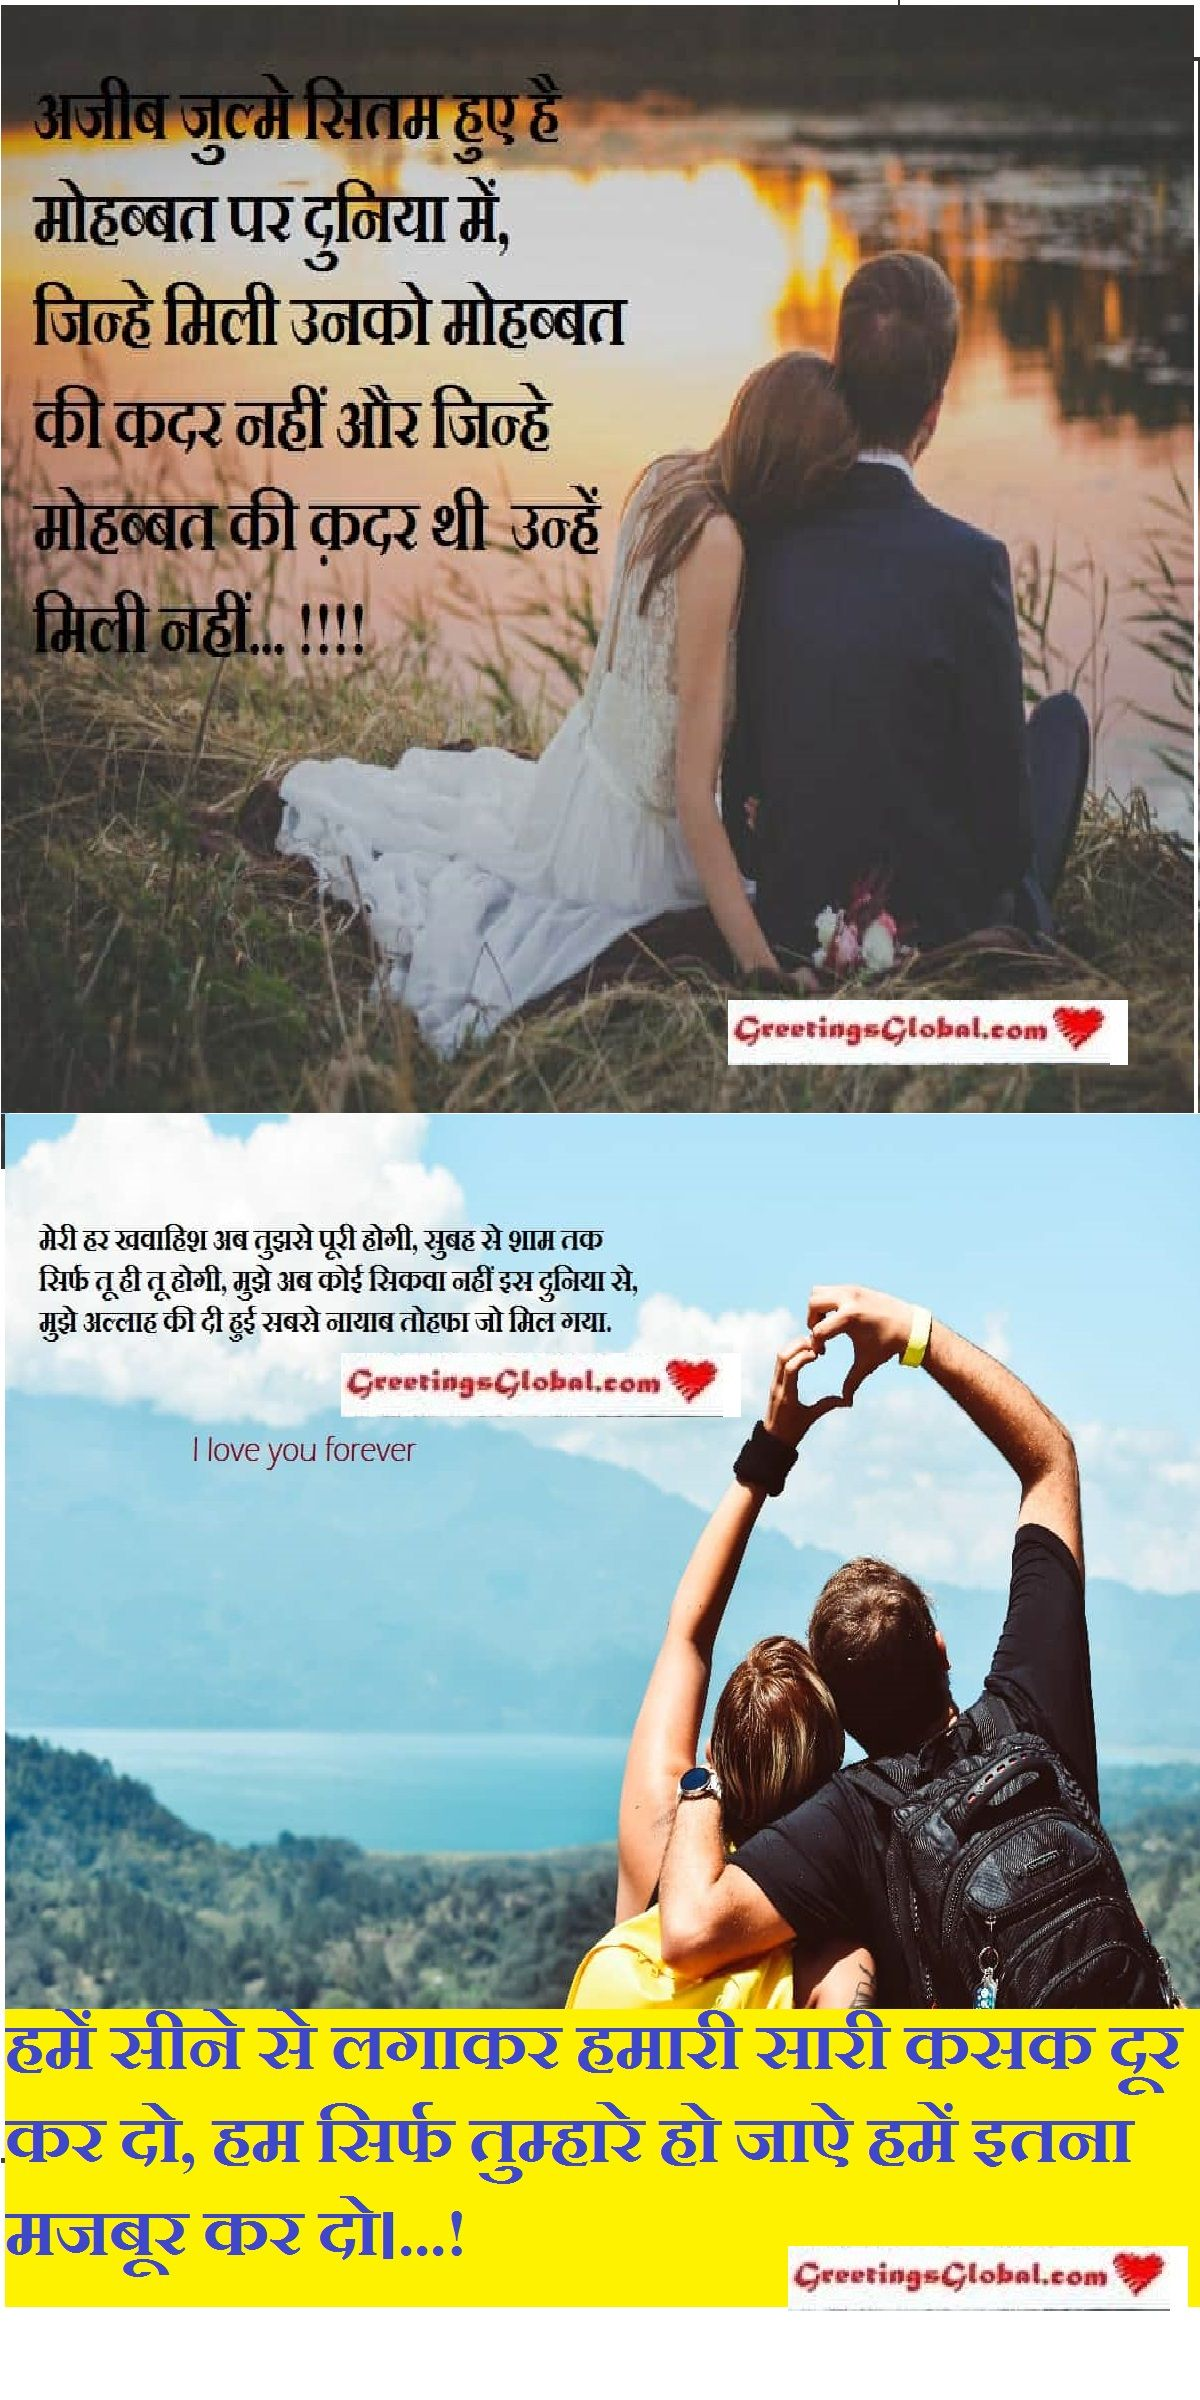 Love Shayari In Hindi For Girlfriend Love Shayari In Hindi For Boyfriend Love Shayari Romantic Hindi Shayari Love Shayari In Hindi